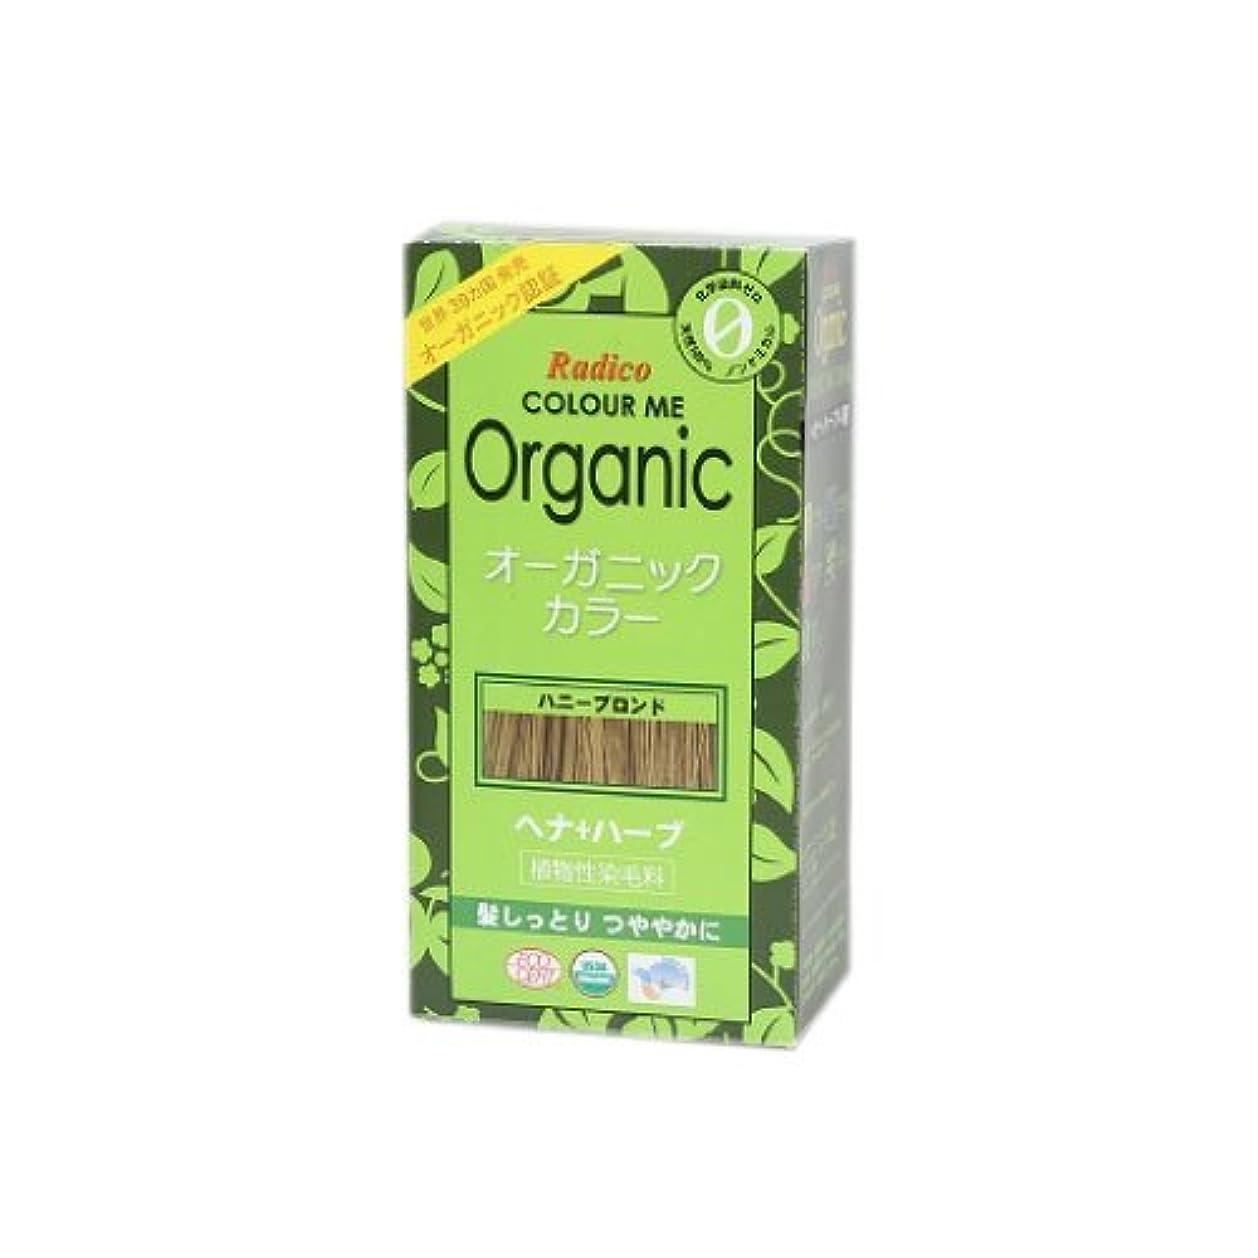 スリル倉庫協力COLOURME Organic (カラーミーオーガニック ヘナ 白髪用) ハニーブロンド 100g